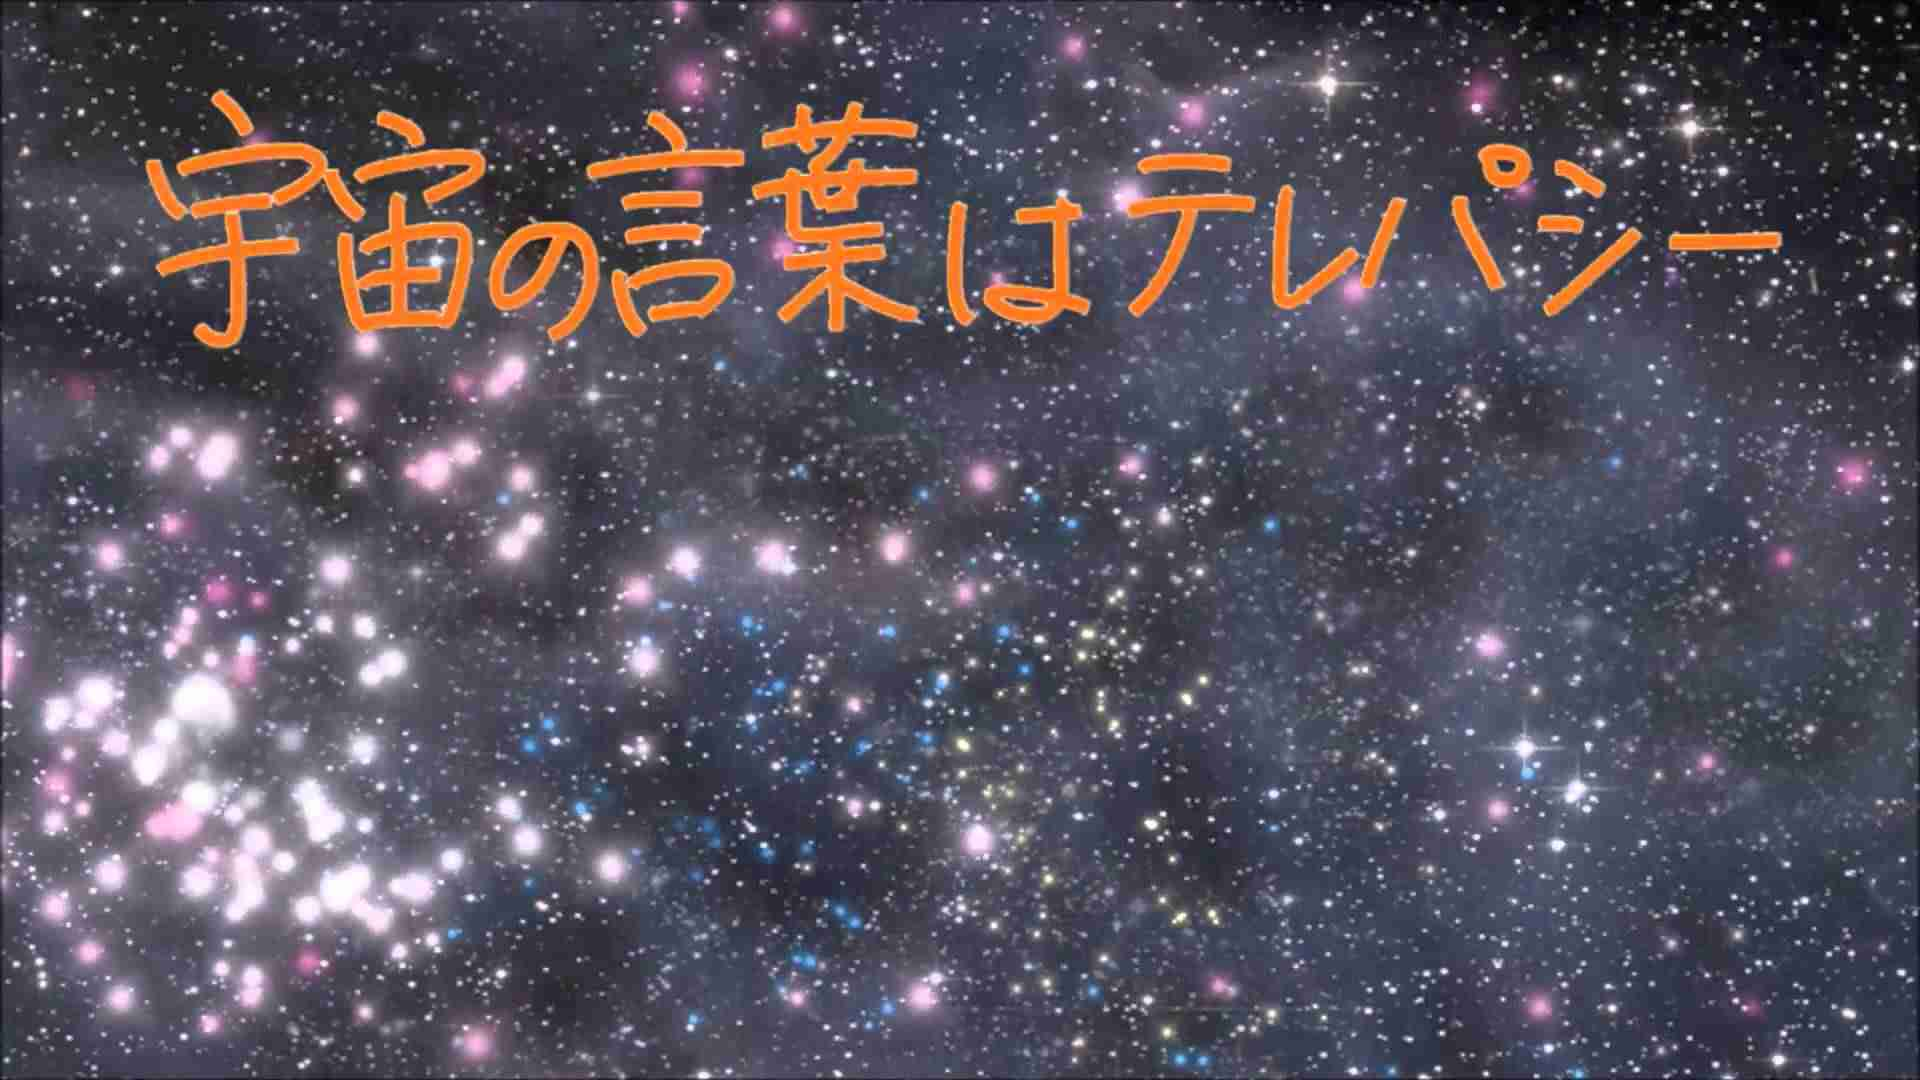 宇宙人のテレパシー(うたcover) - YouTube